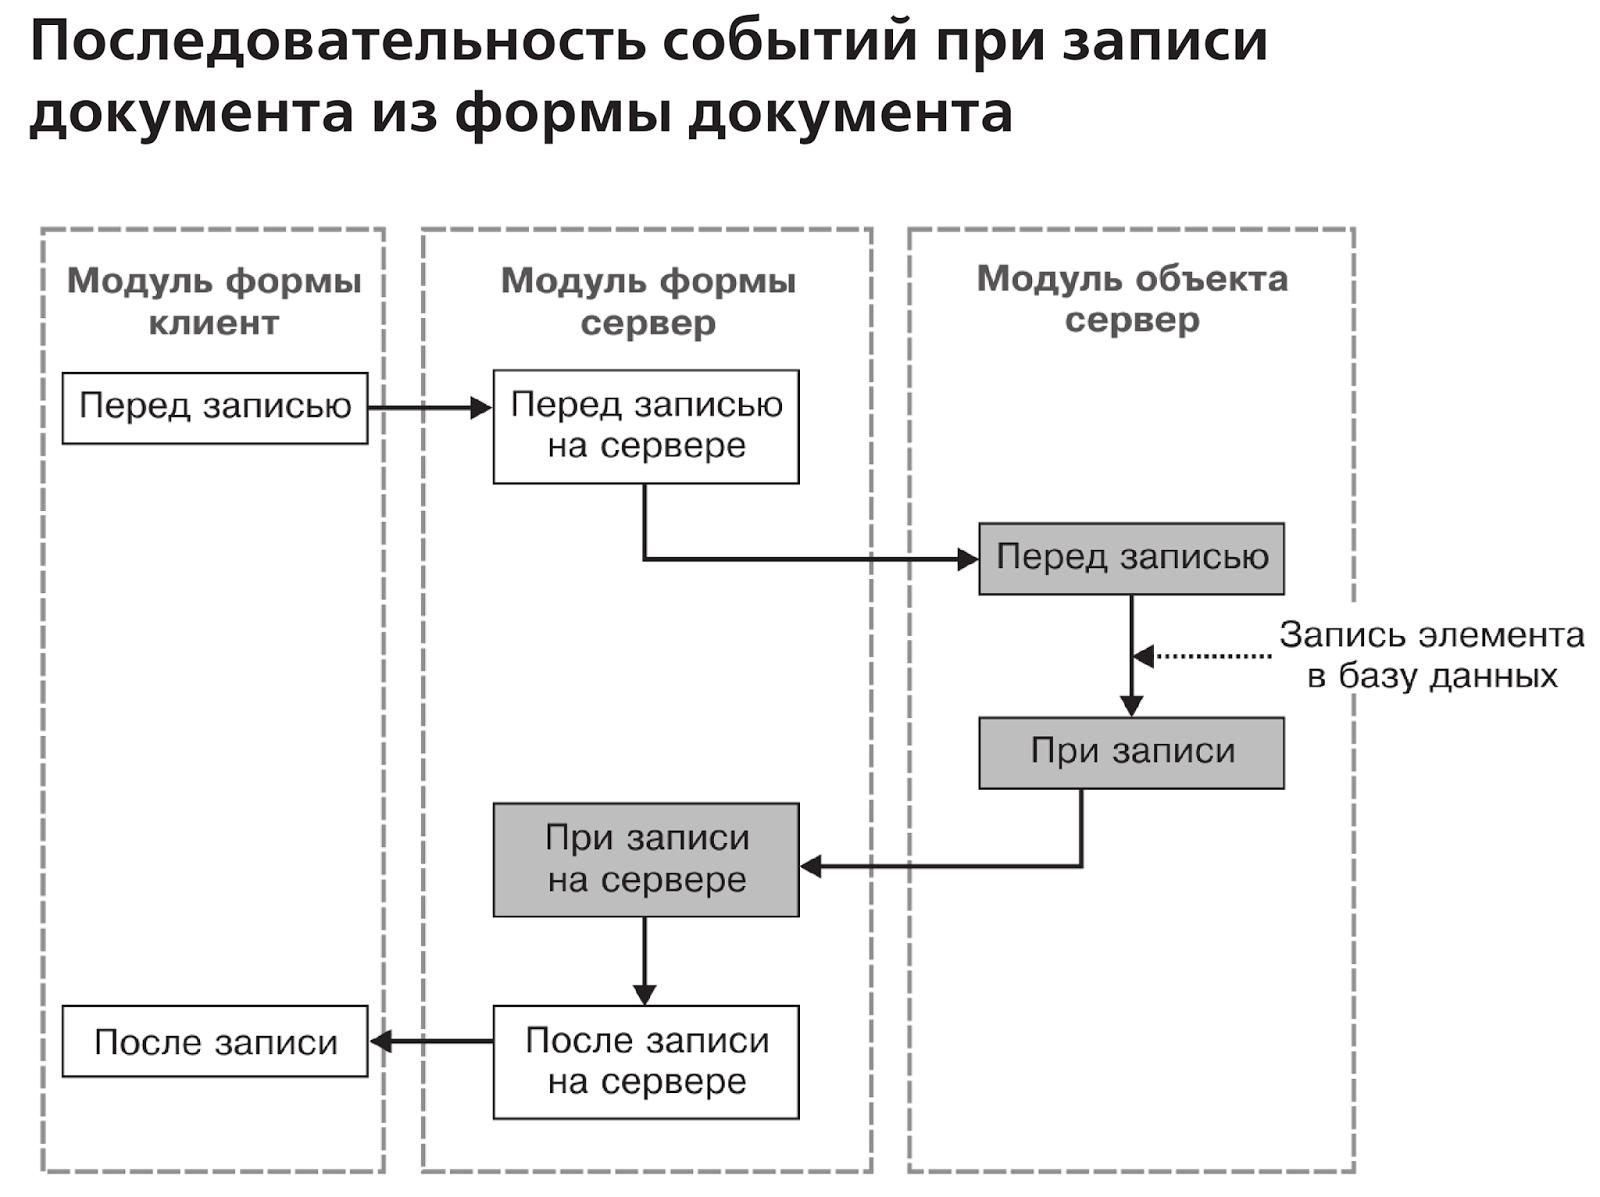 Как пометить на удаление все документы в 1с 8.2